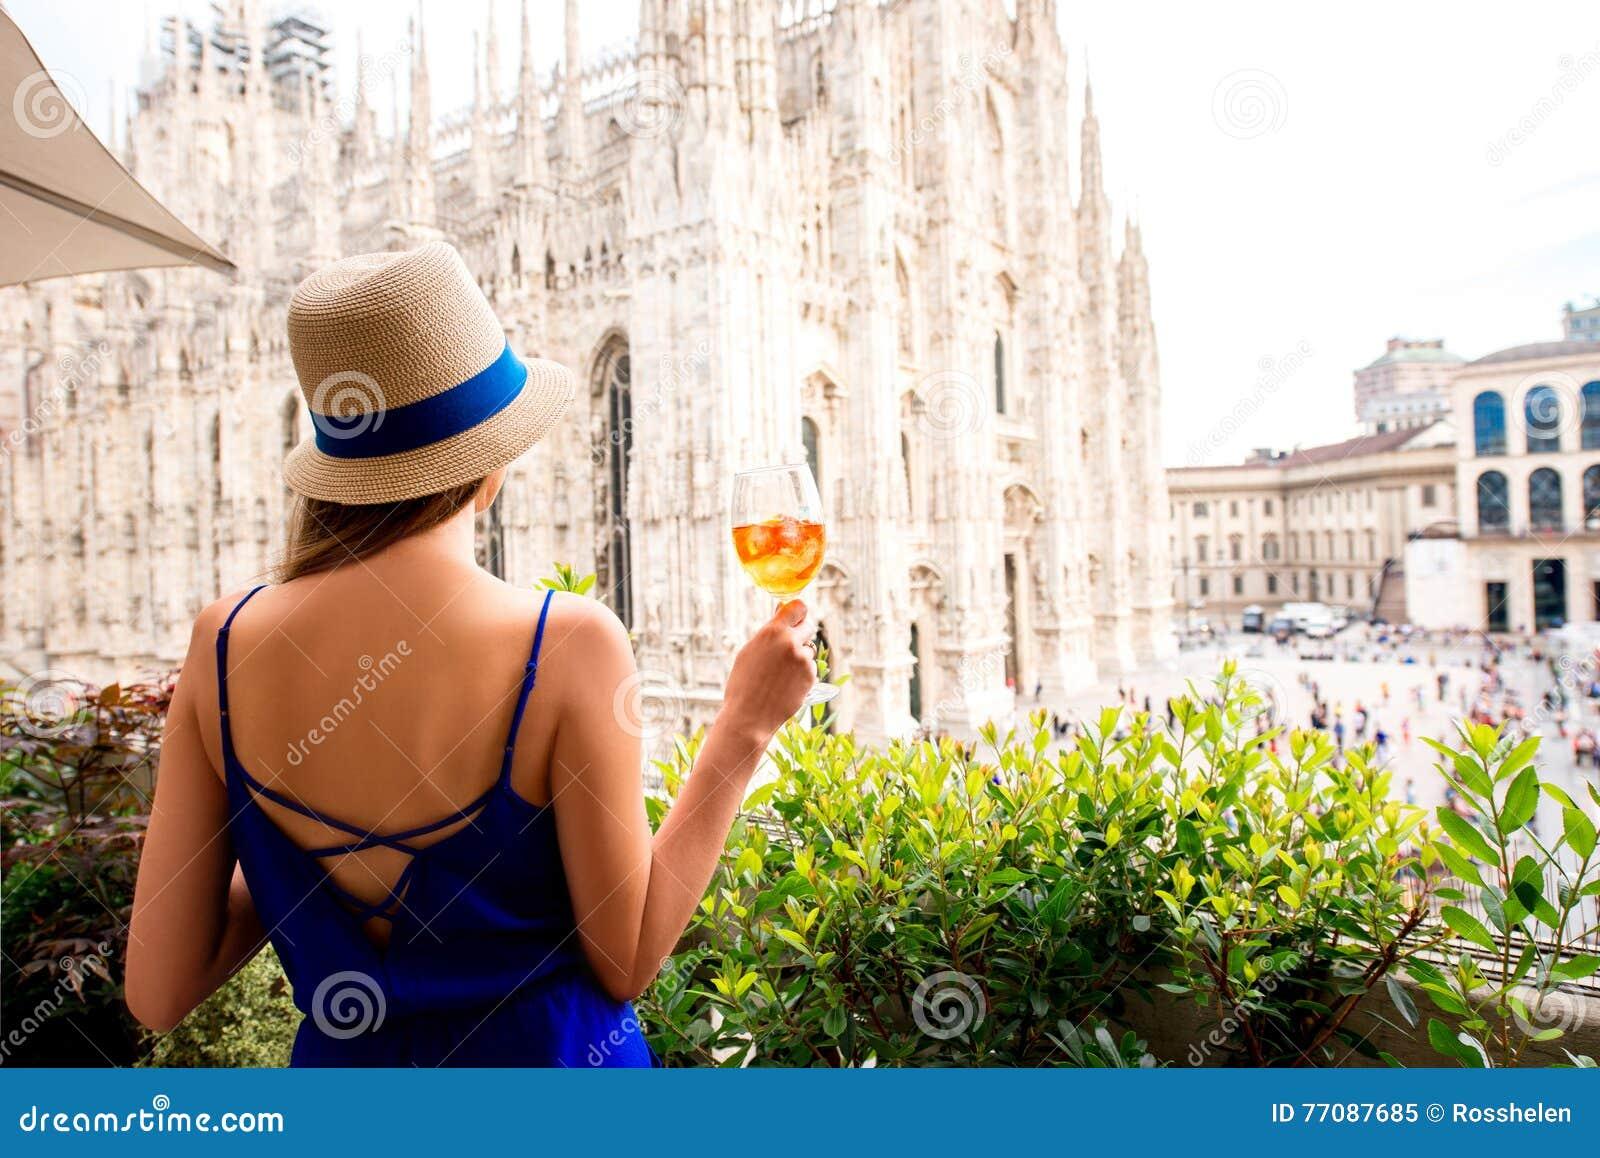 La Donna Con Spritz La Bevanda Di Aperol A Milano Immagine